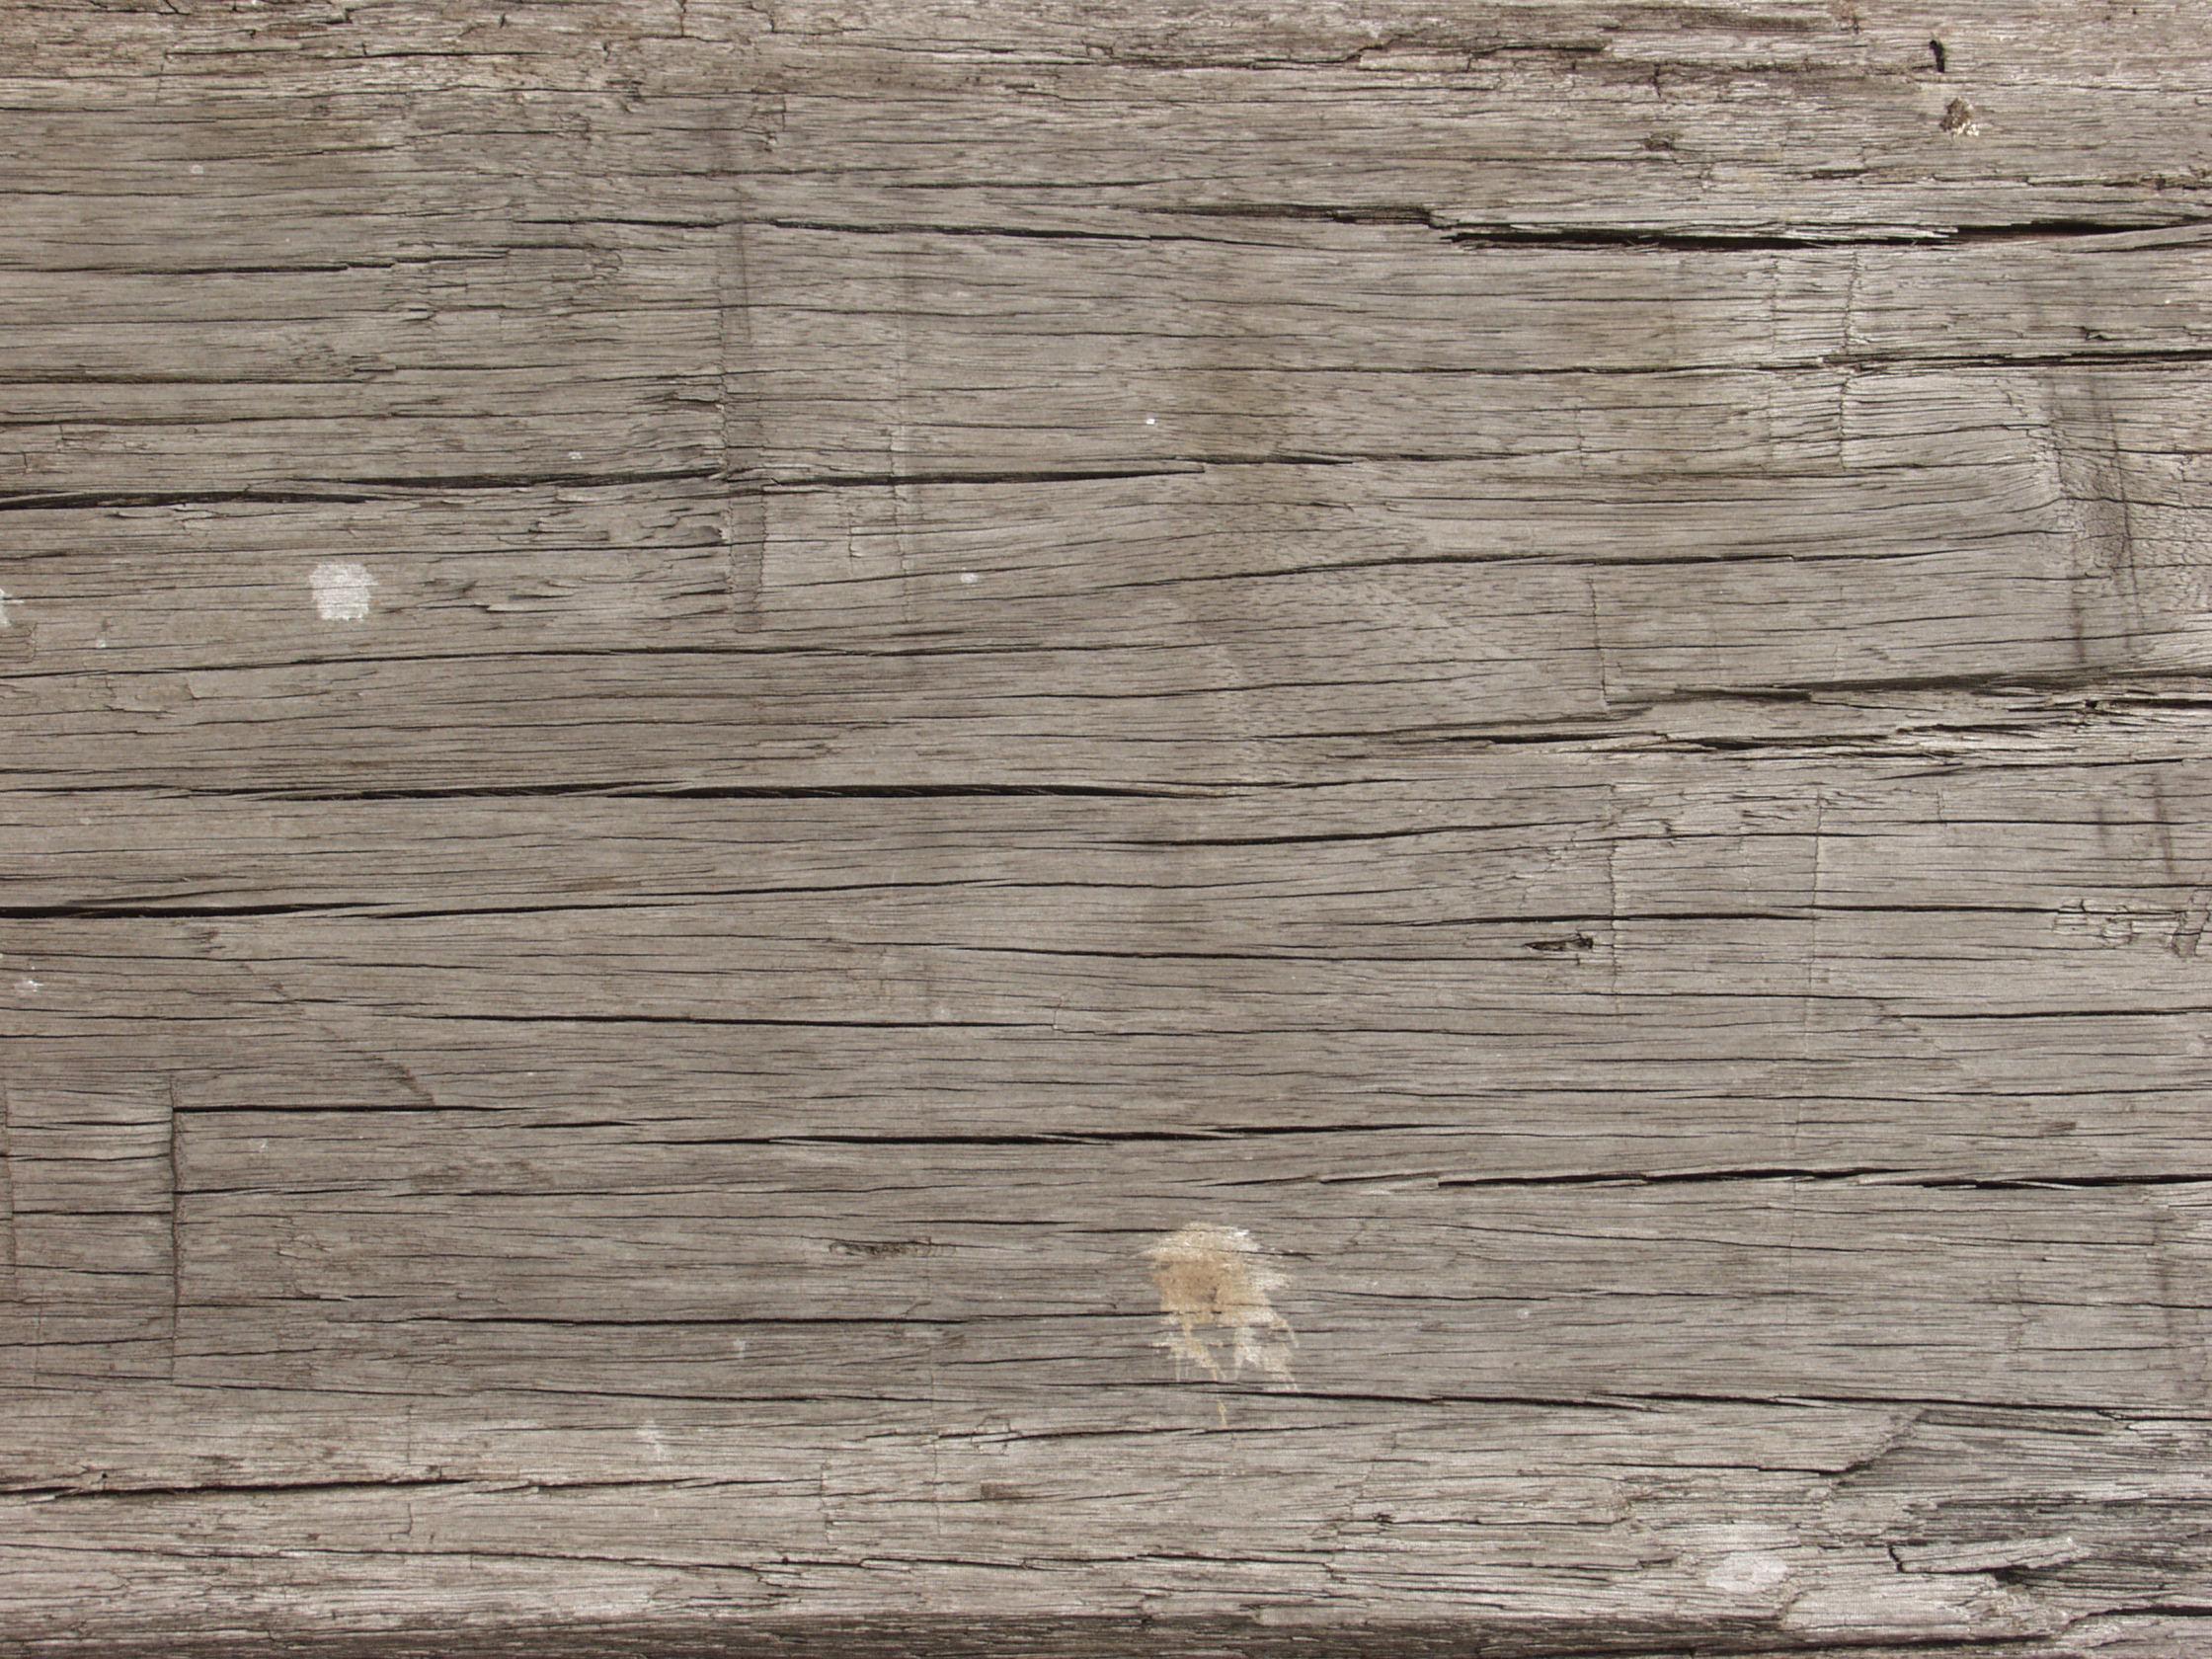 木材-残旧木(37)